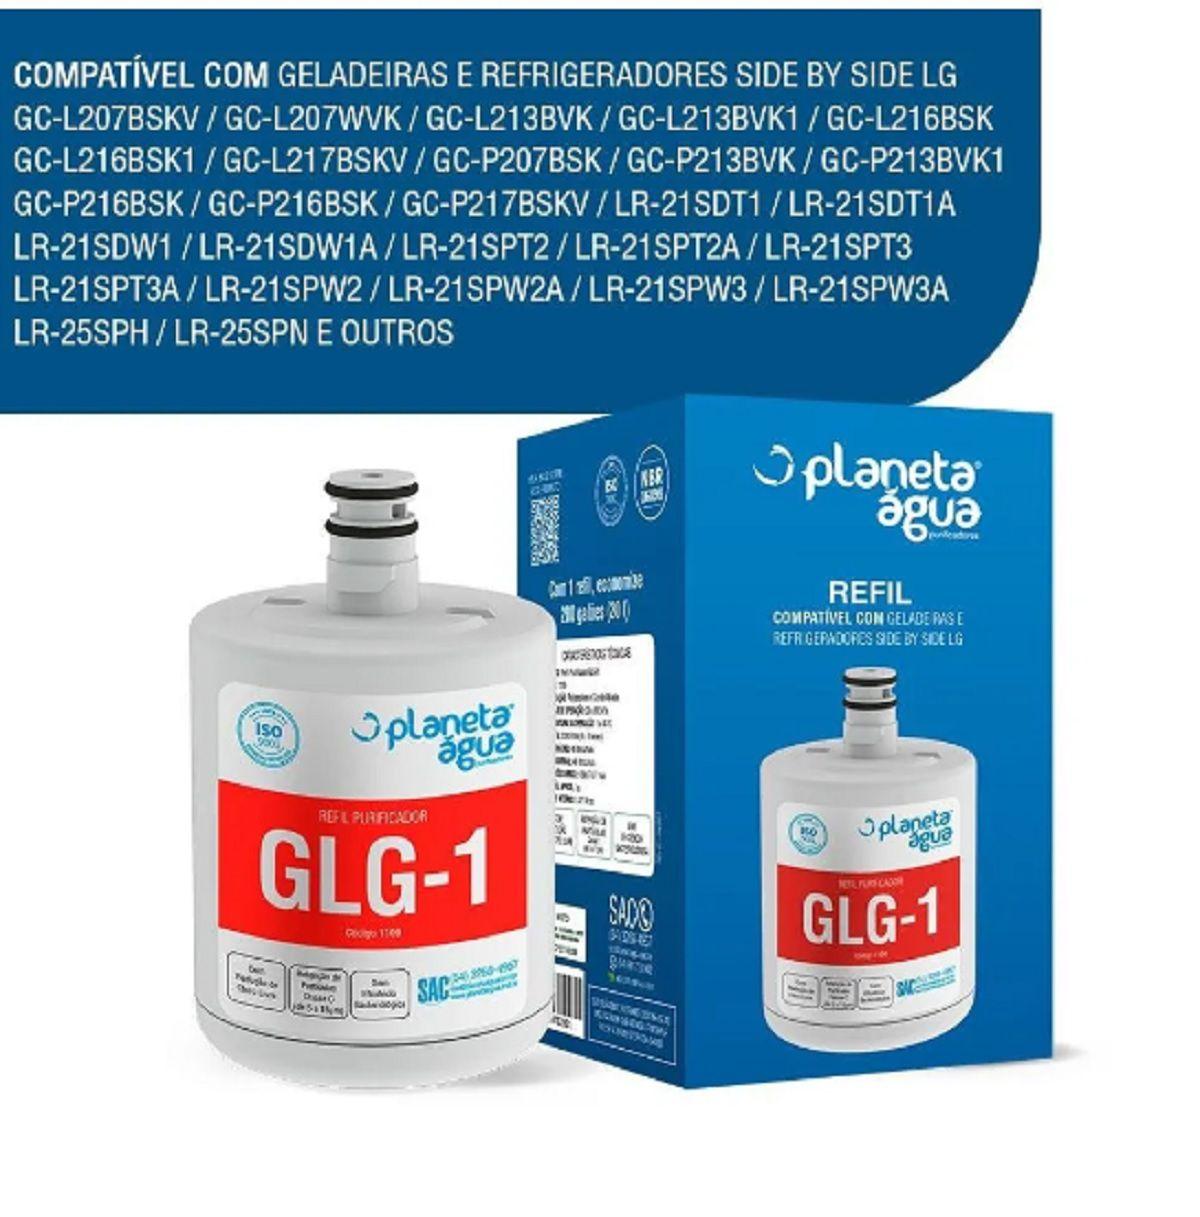 Refil Filtro Geladeira Refrigerador LG GLG-1 Lt500p - Planeta Água